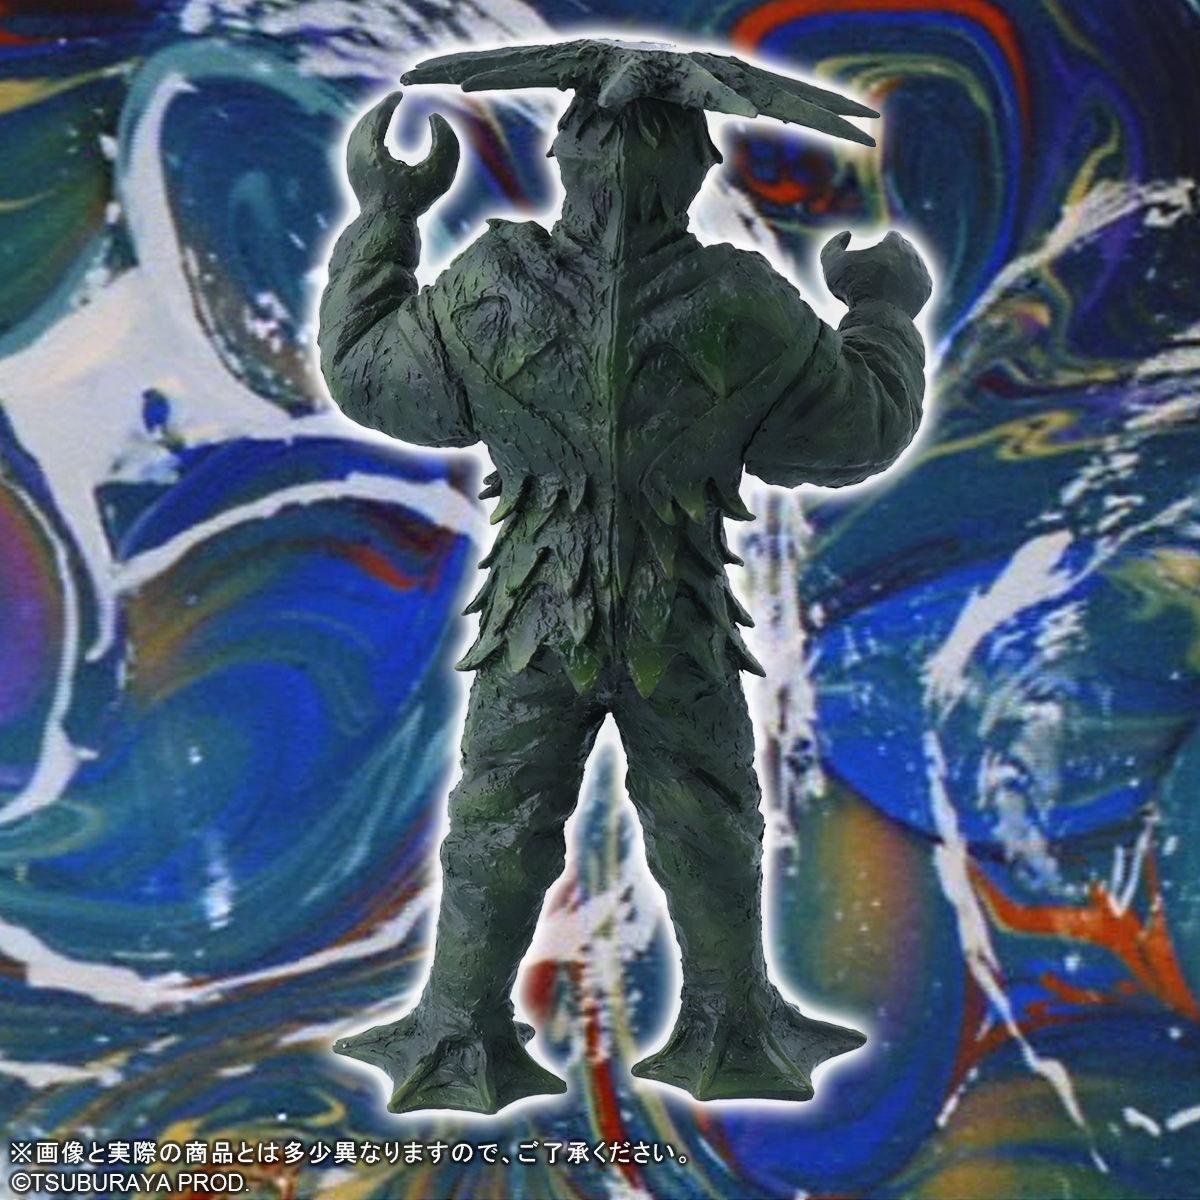 【限定販売】ウルトラ大怪獣シリーズ5000『テペト/テロチルス』完成品フィギュア-003